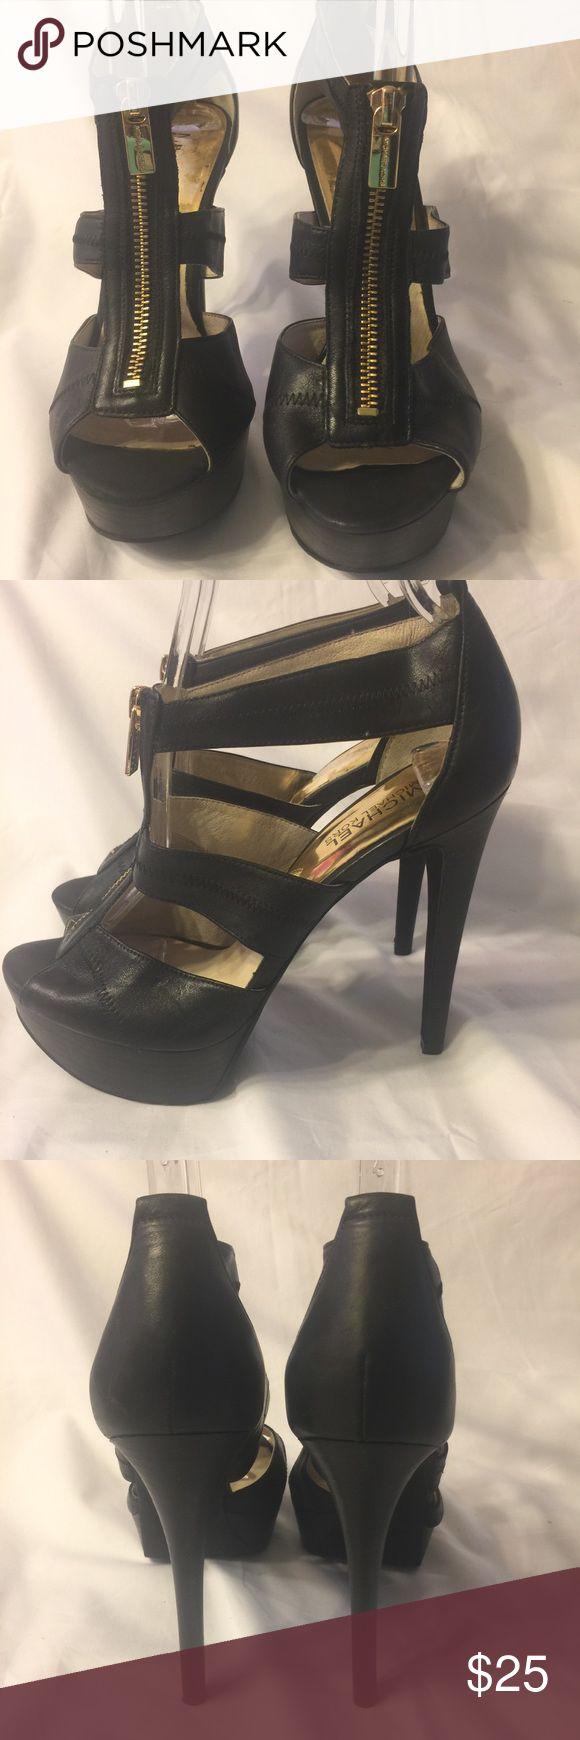 Michael Kors black leather open toe zip heels 7.5M Michael Kors black leather gold zip up open toe high heels in a 7.5M.  5 in. Heel. MICHAEL Michael Kors Shoes Heels